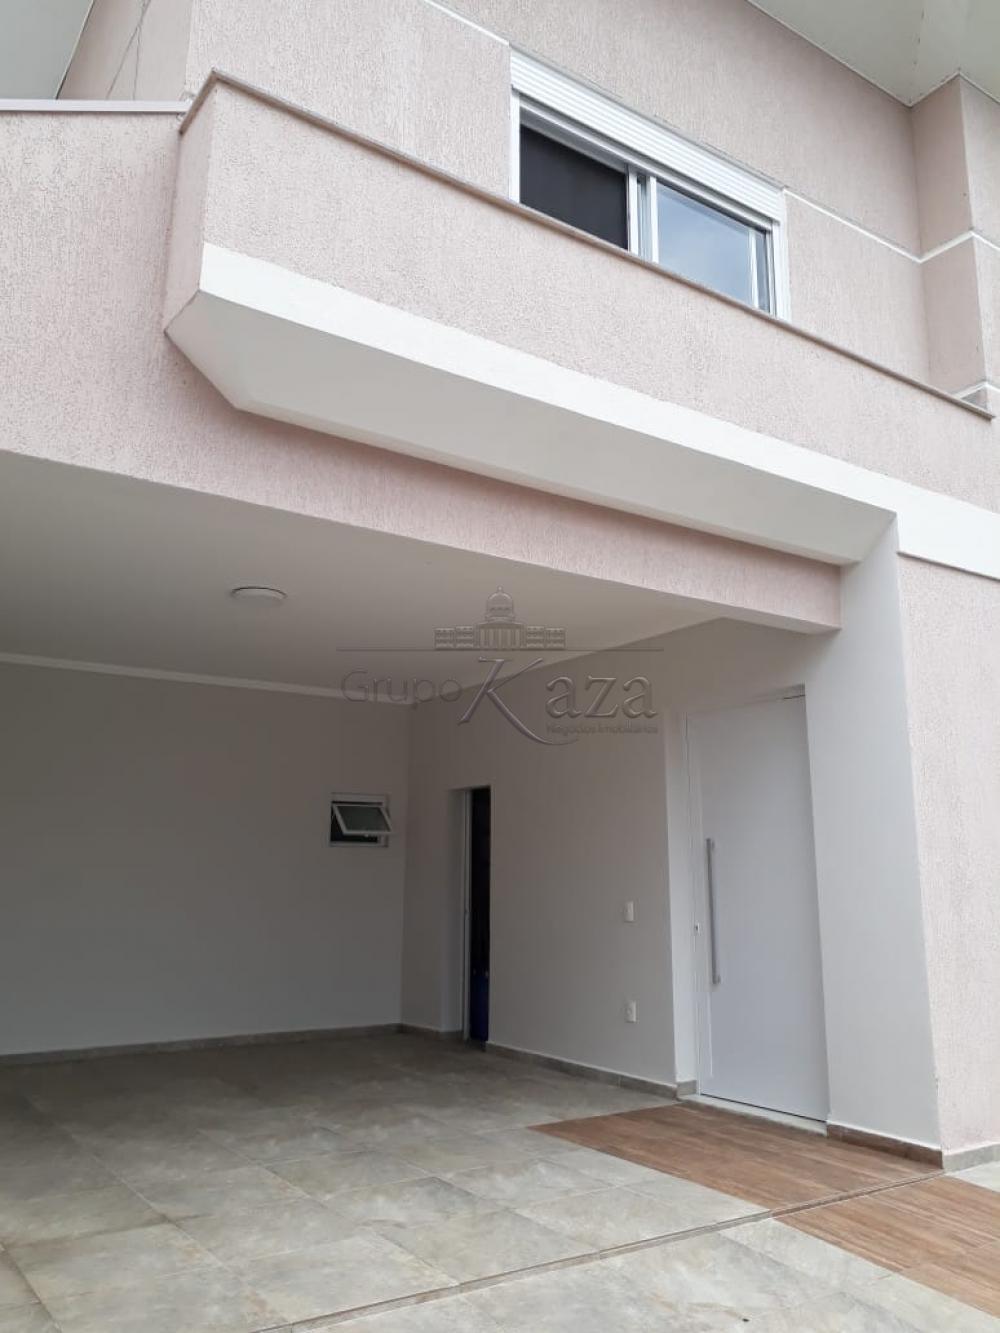 Comprar Casa / Condomínio em São José dos Campos apenas R$ 900.000,00 - Foto 21